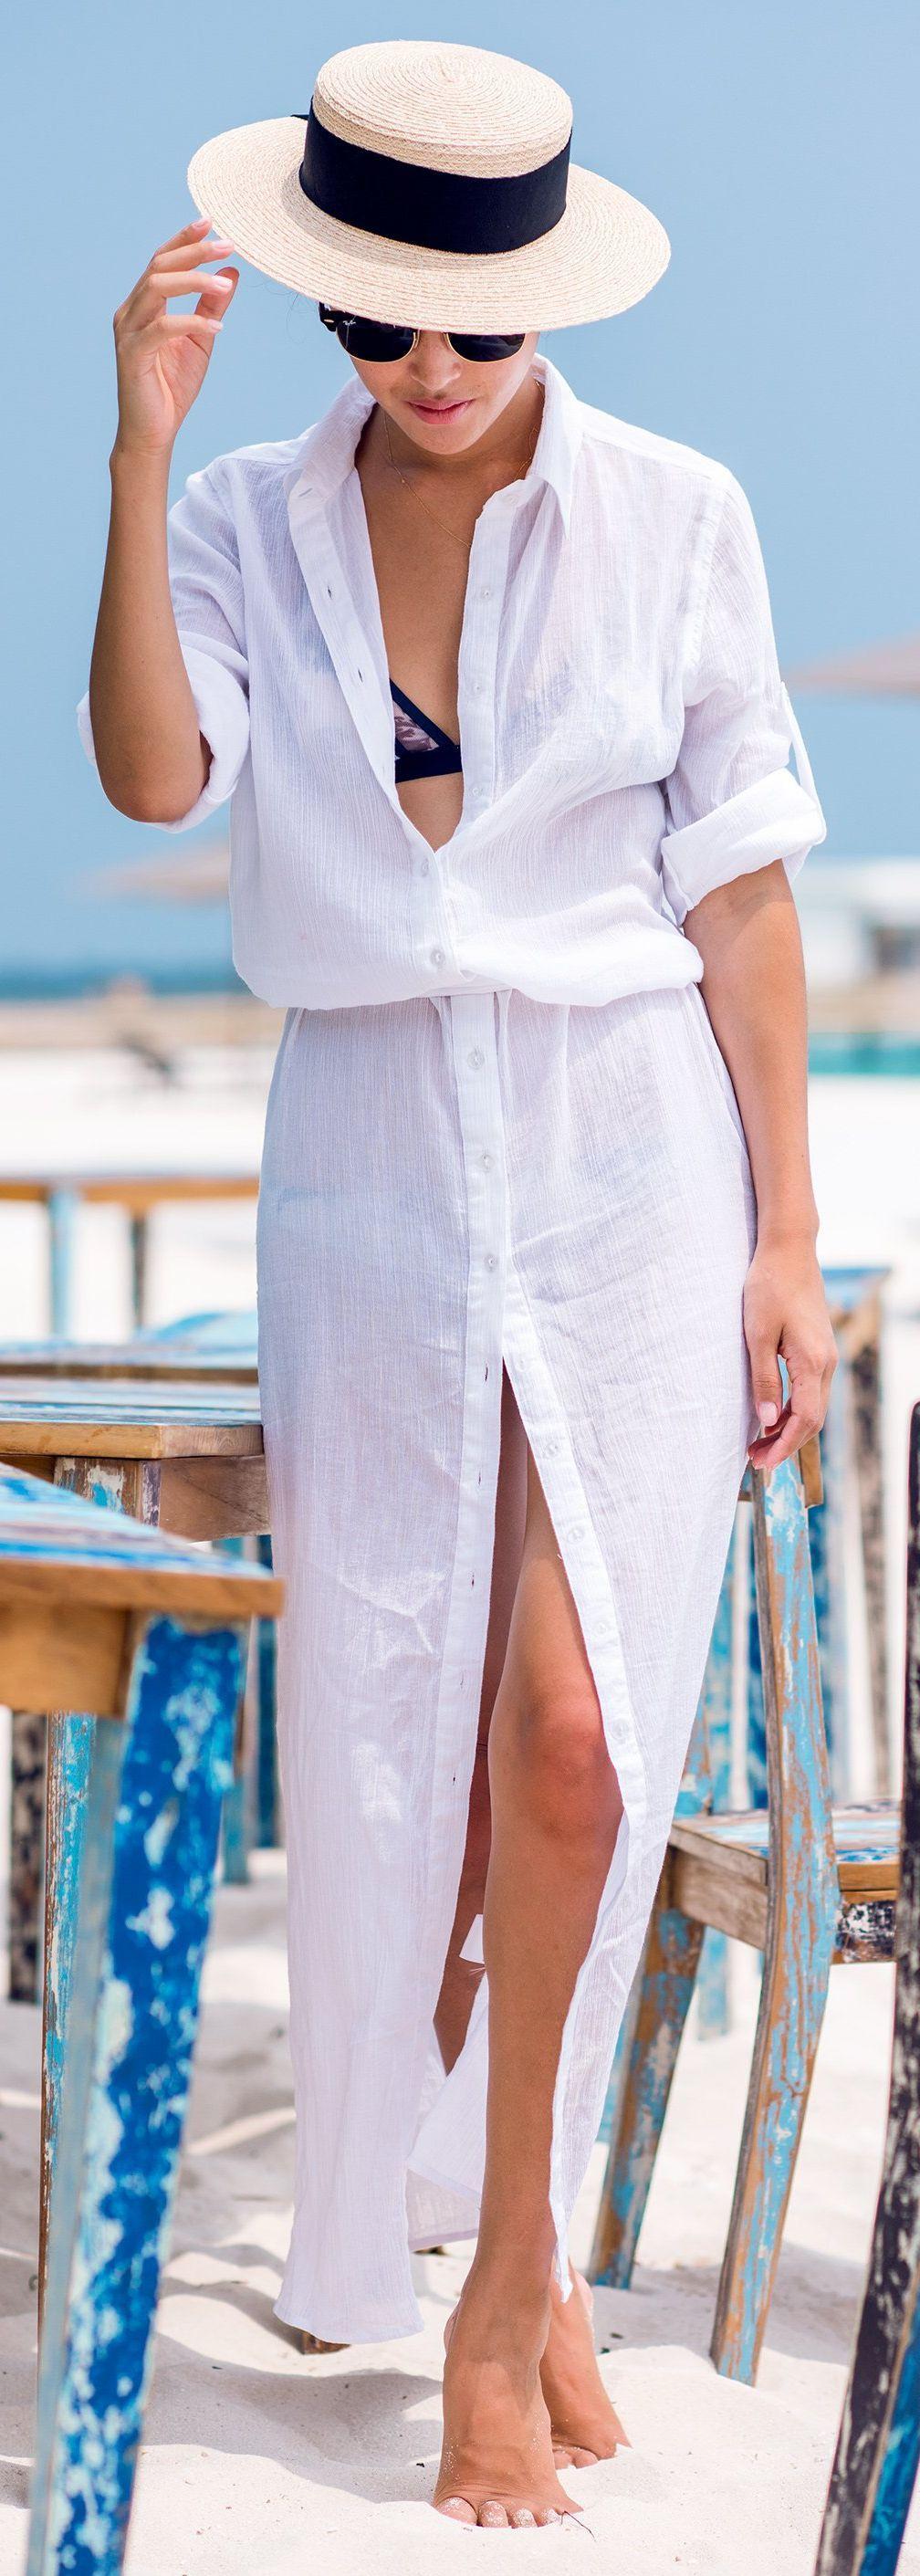 828ad0d35235 Long Shirt Dress Beach Style by Gary Pepper